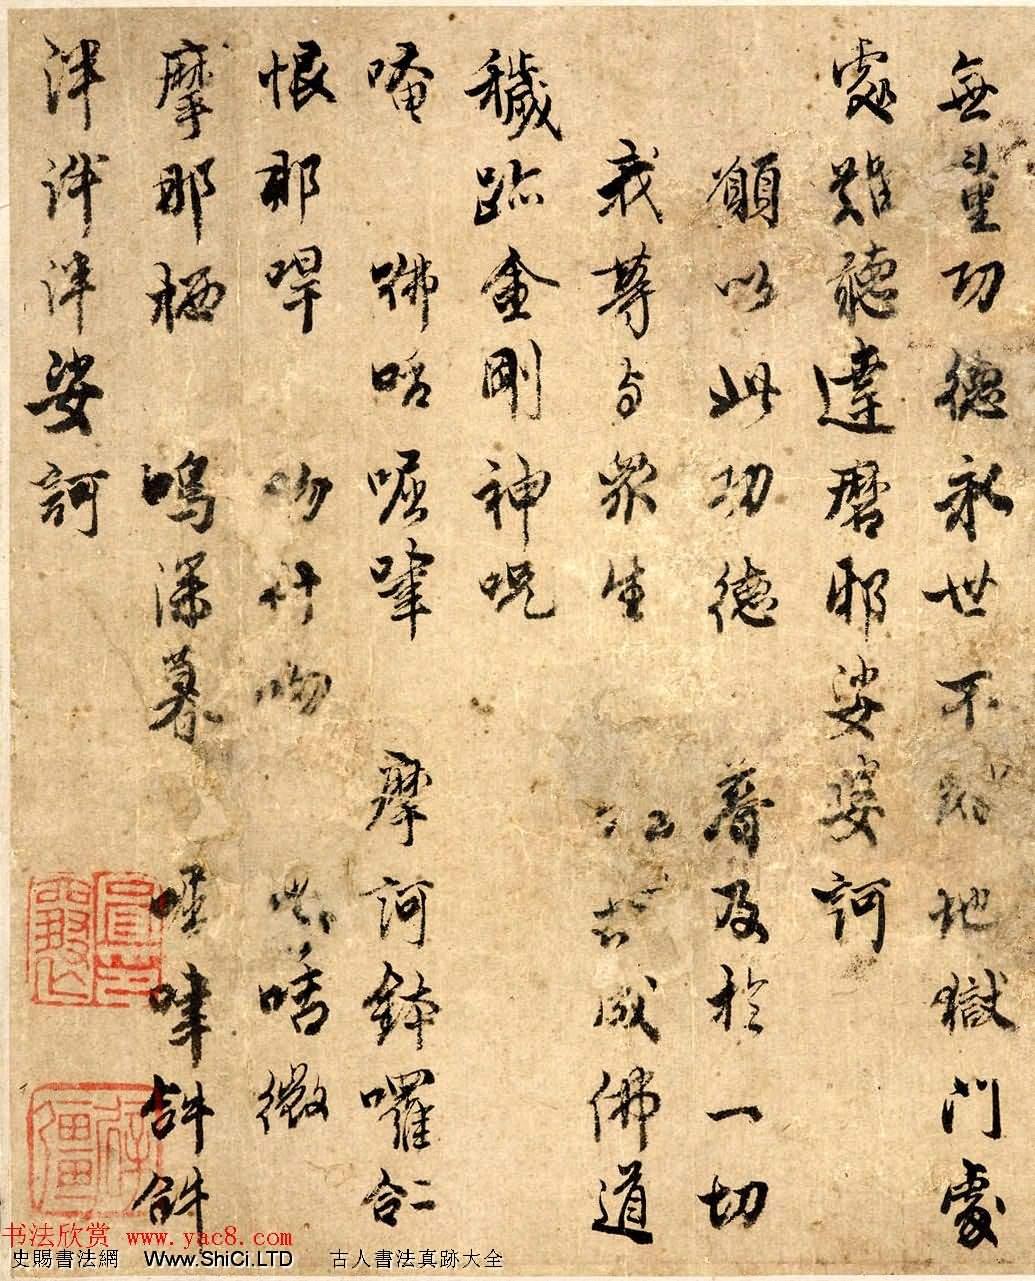 佛說金剛神咒+穢跡金剛神咒墨跡美國藏